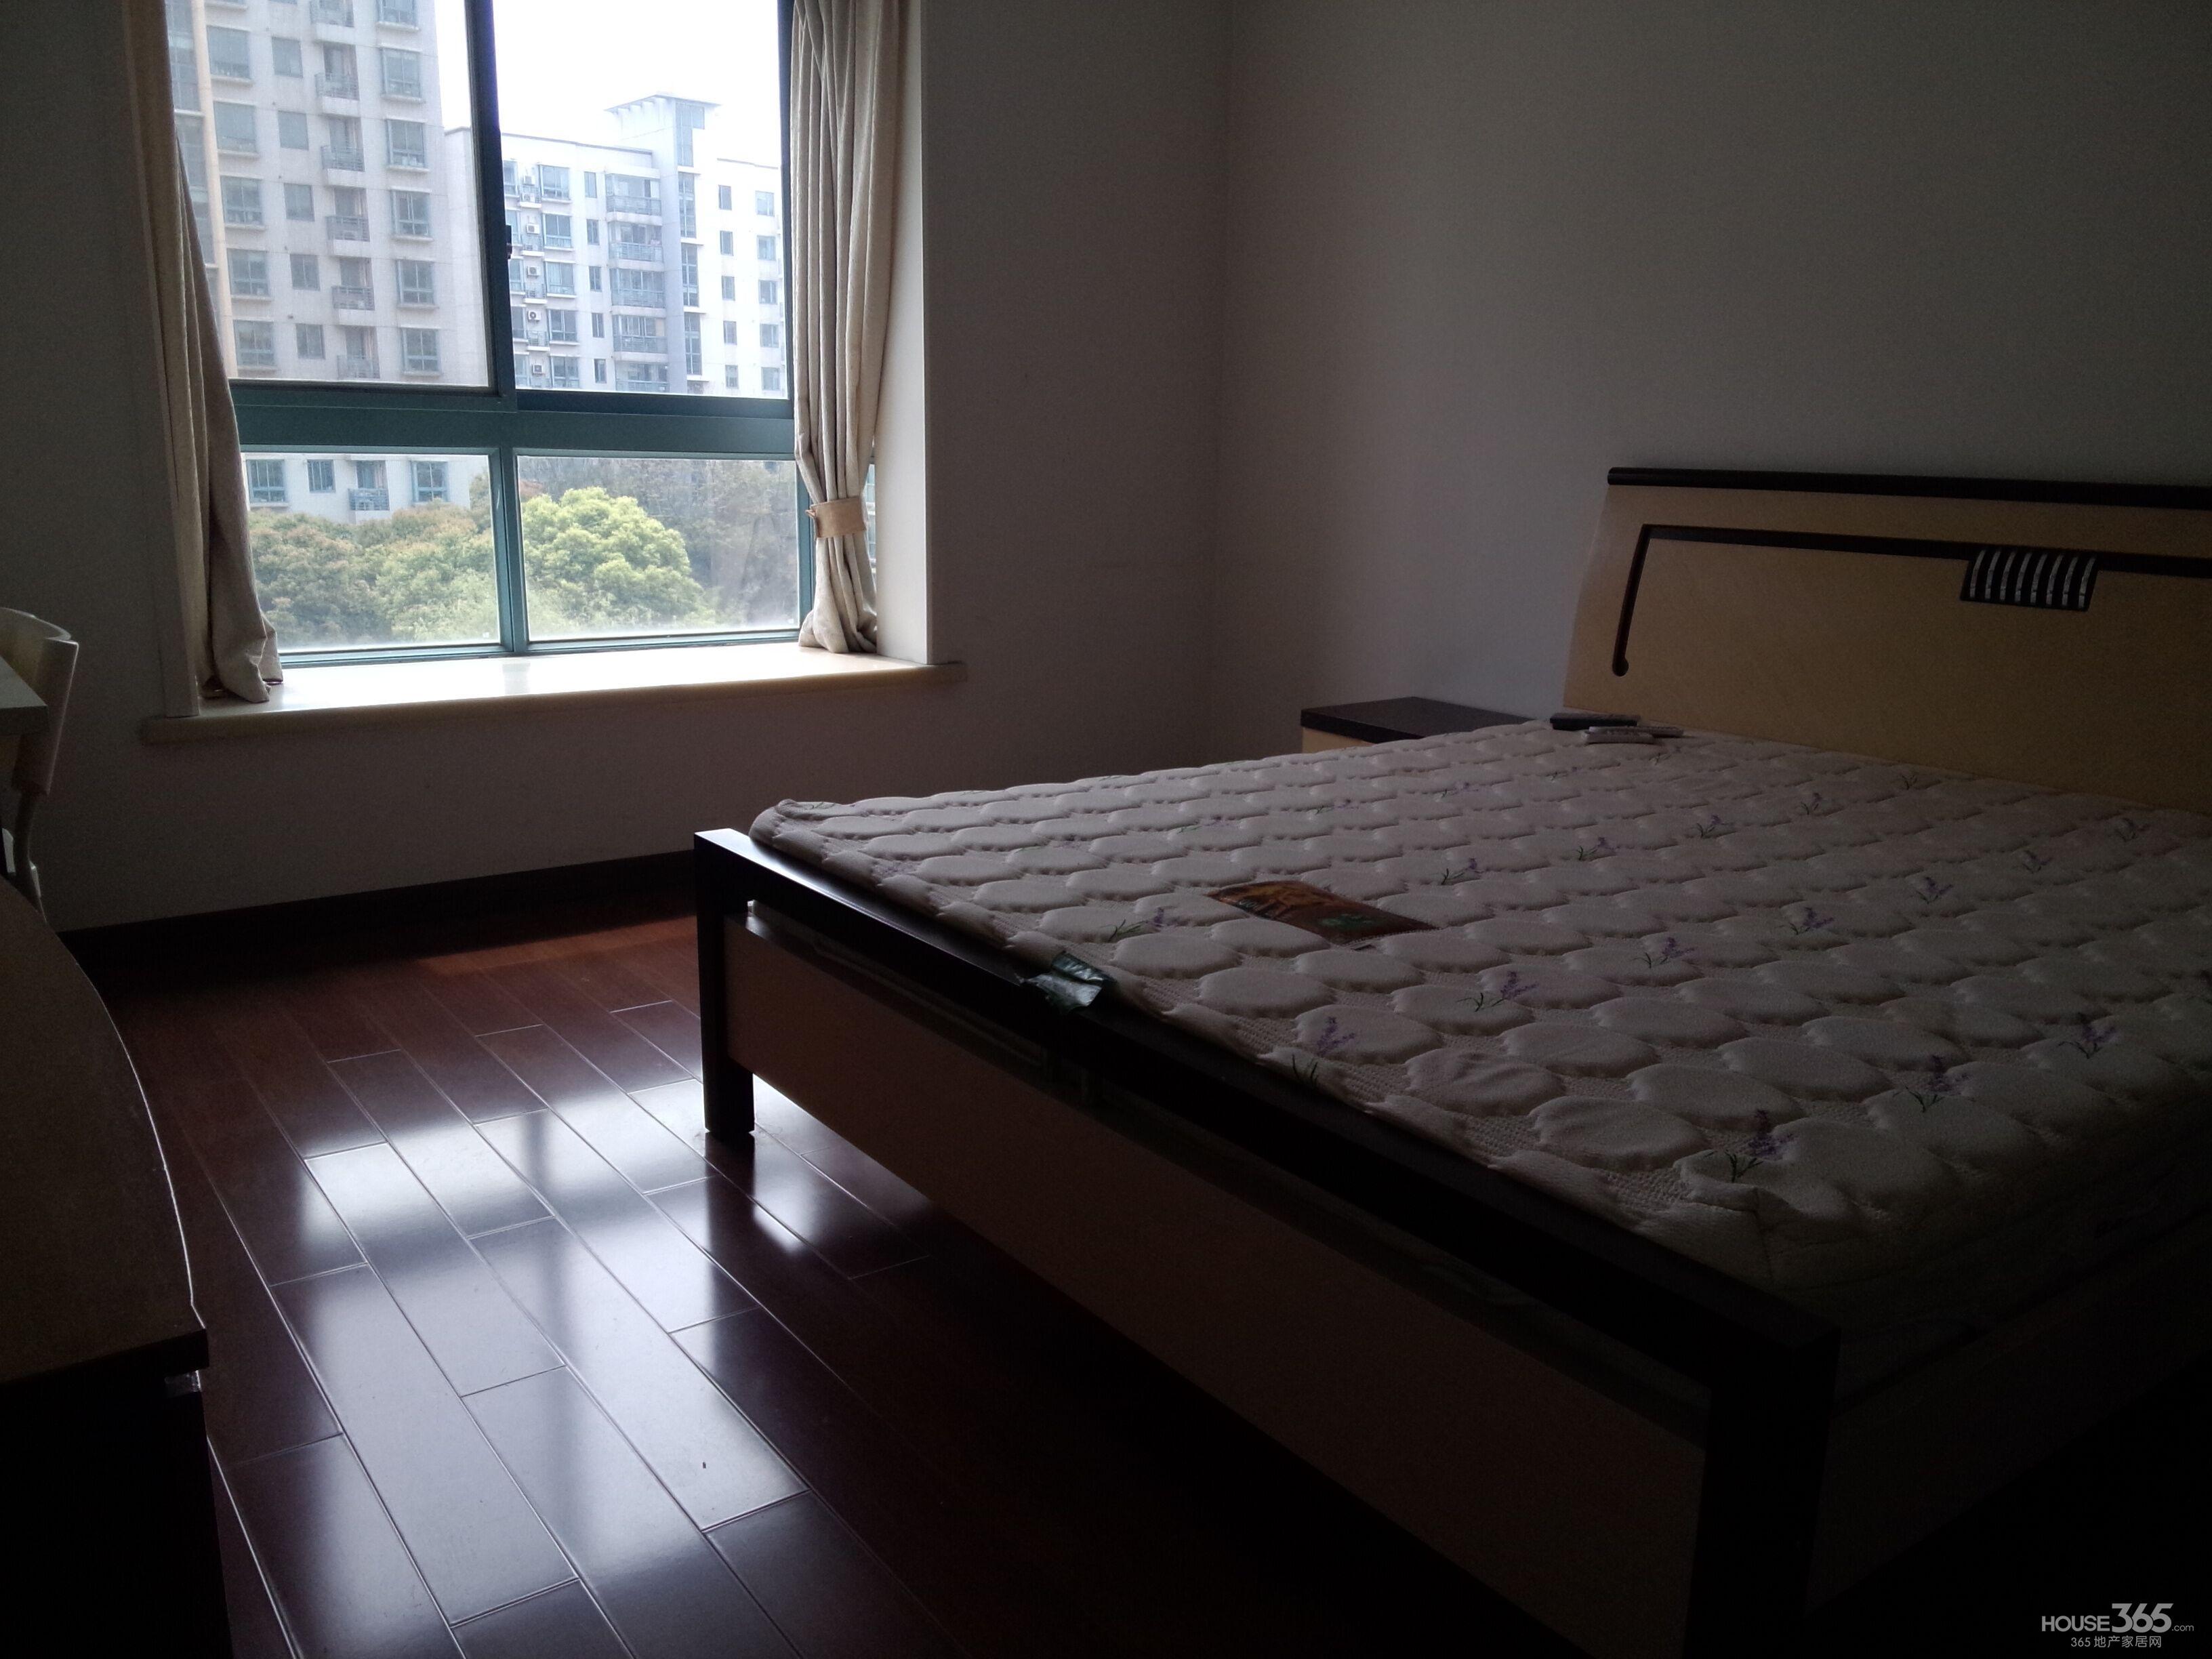 背景墙 房间 家居 起居室 设计 卧室 卧室装修 现代 装修 3264_2448